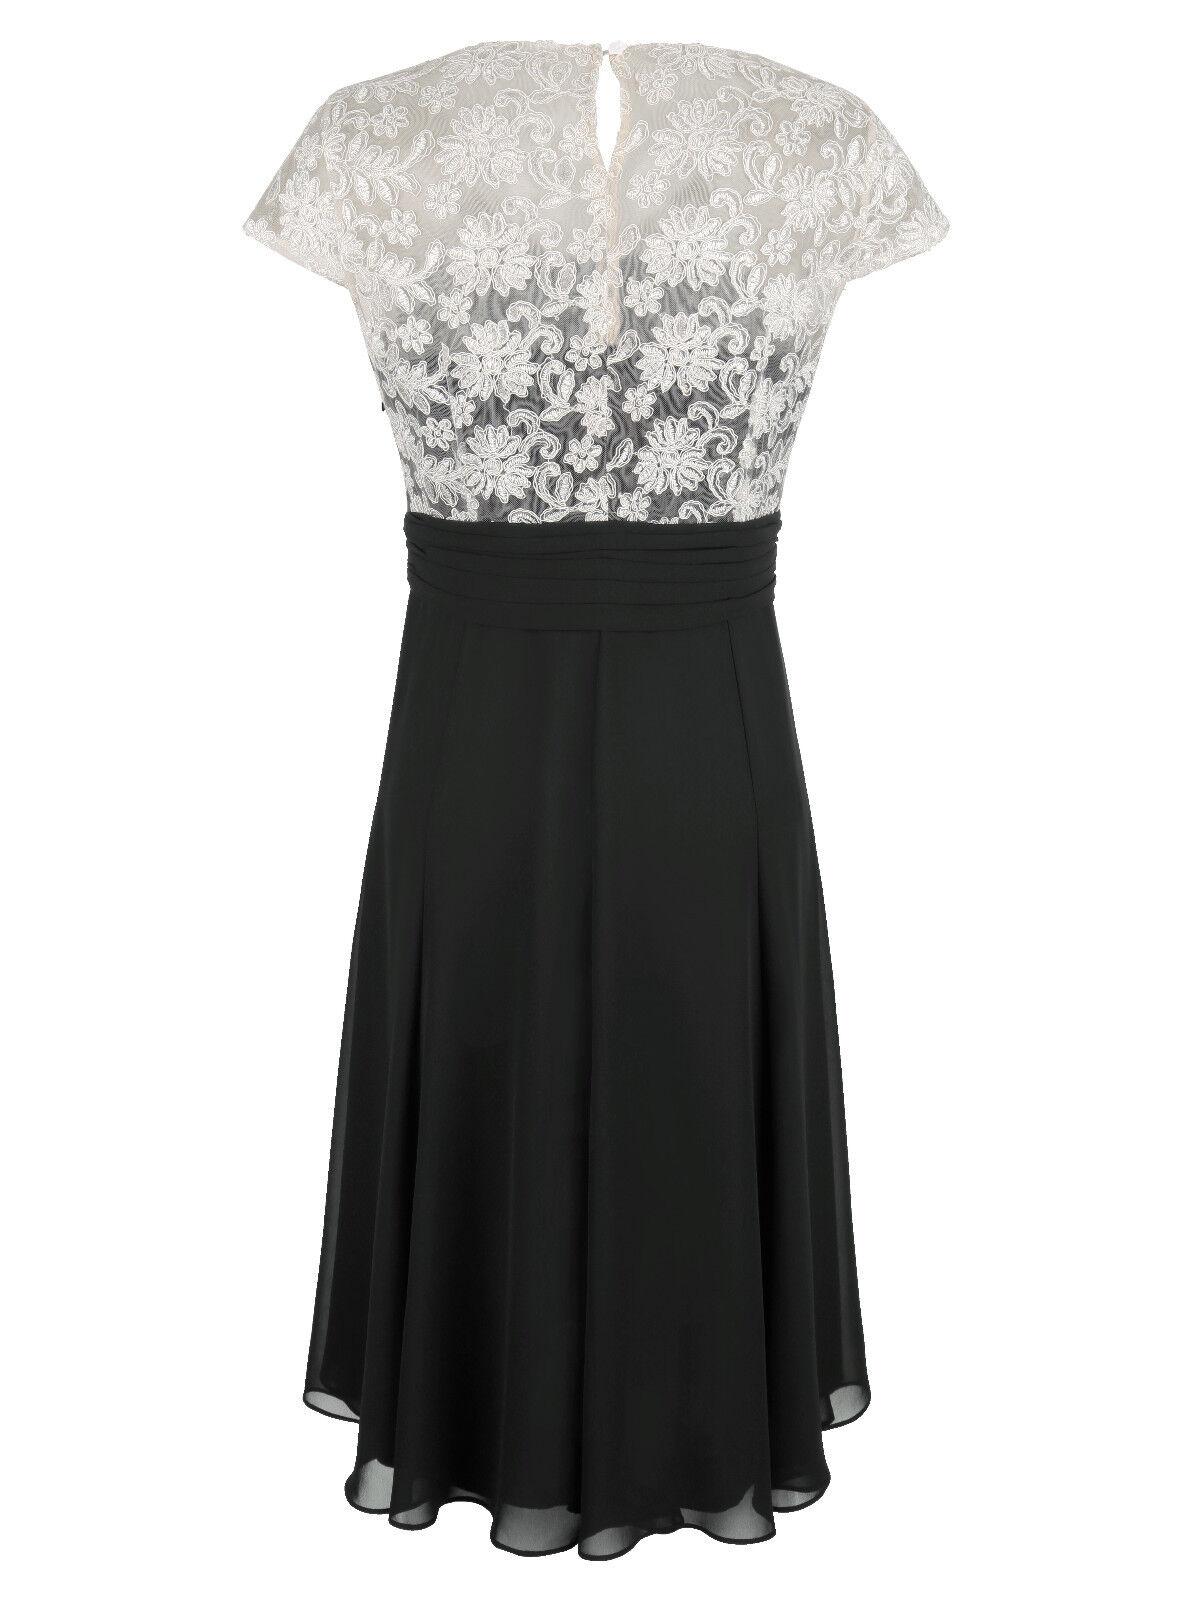 Marken Abend Kleid mit Spitzenoberteil black-ecru Gr. 46 46 46 0618988675 fbf538